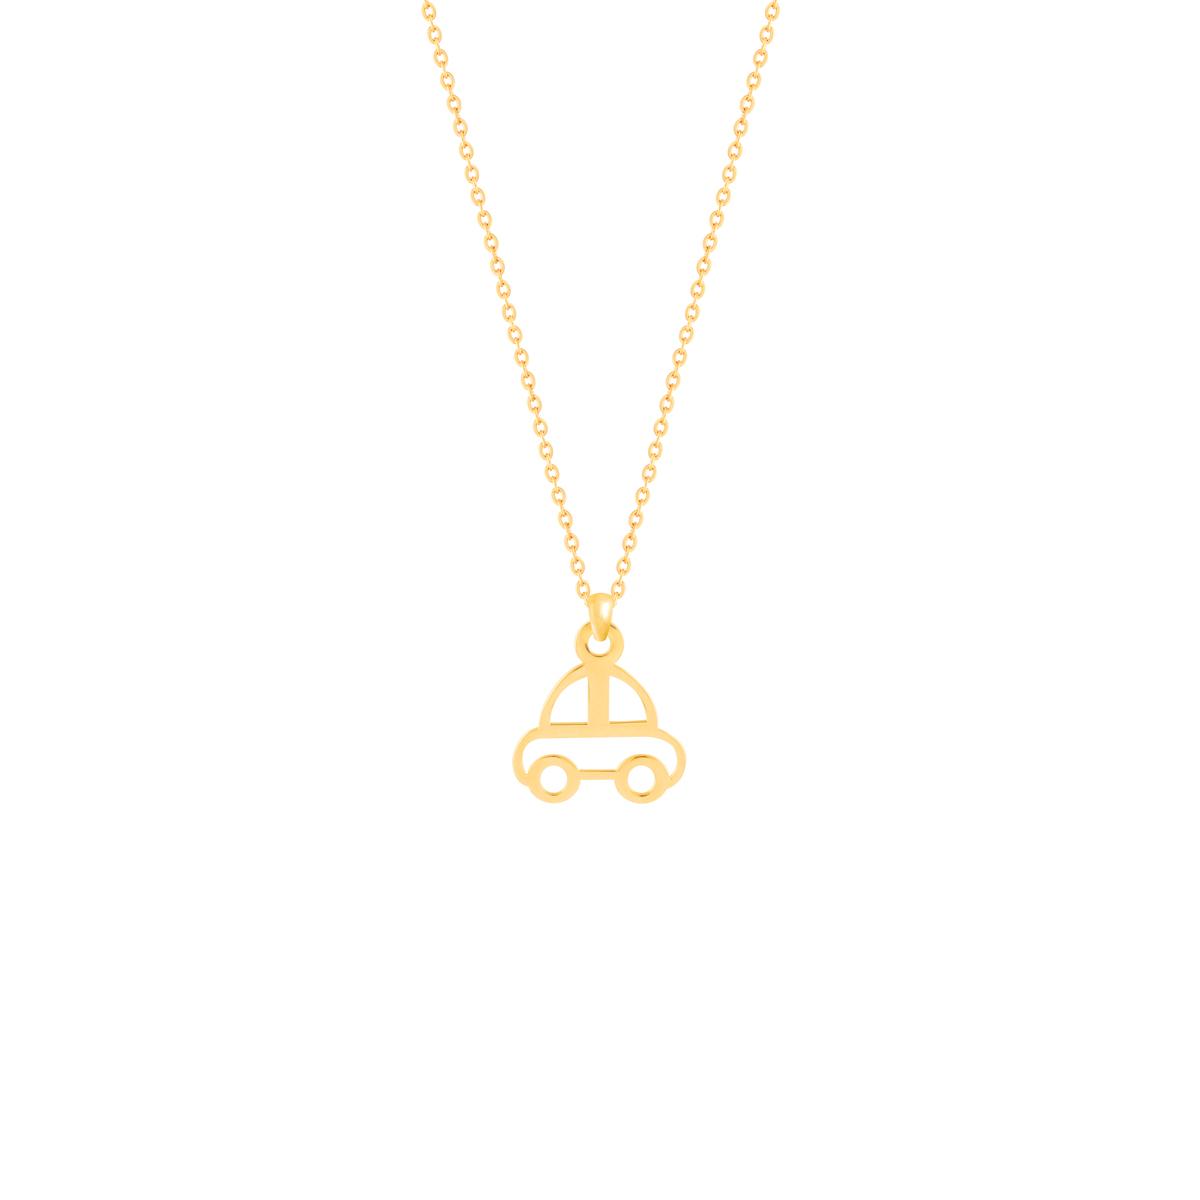 گردنبند طلا بچه گانه ماشین